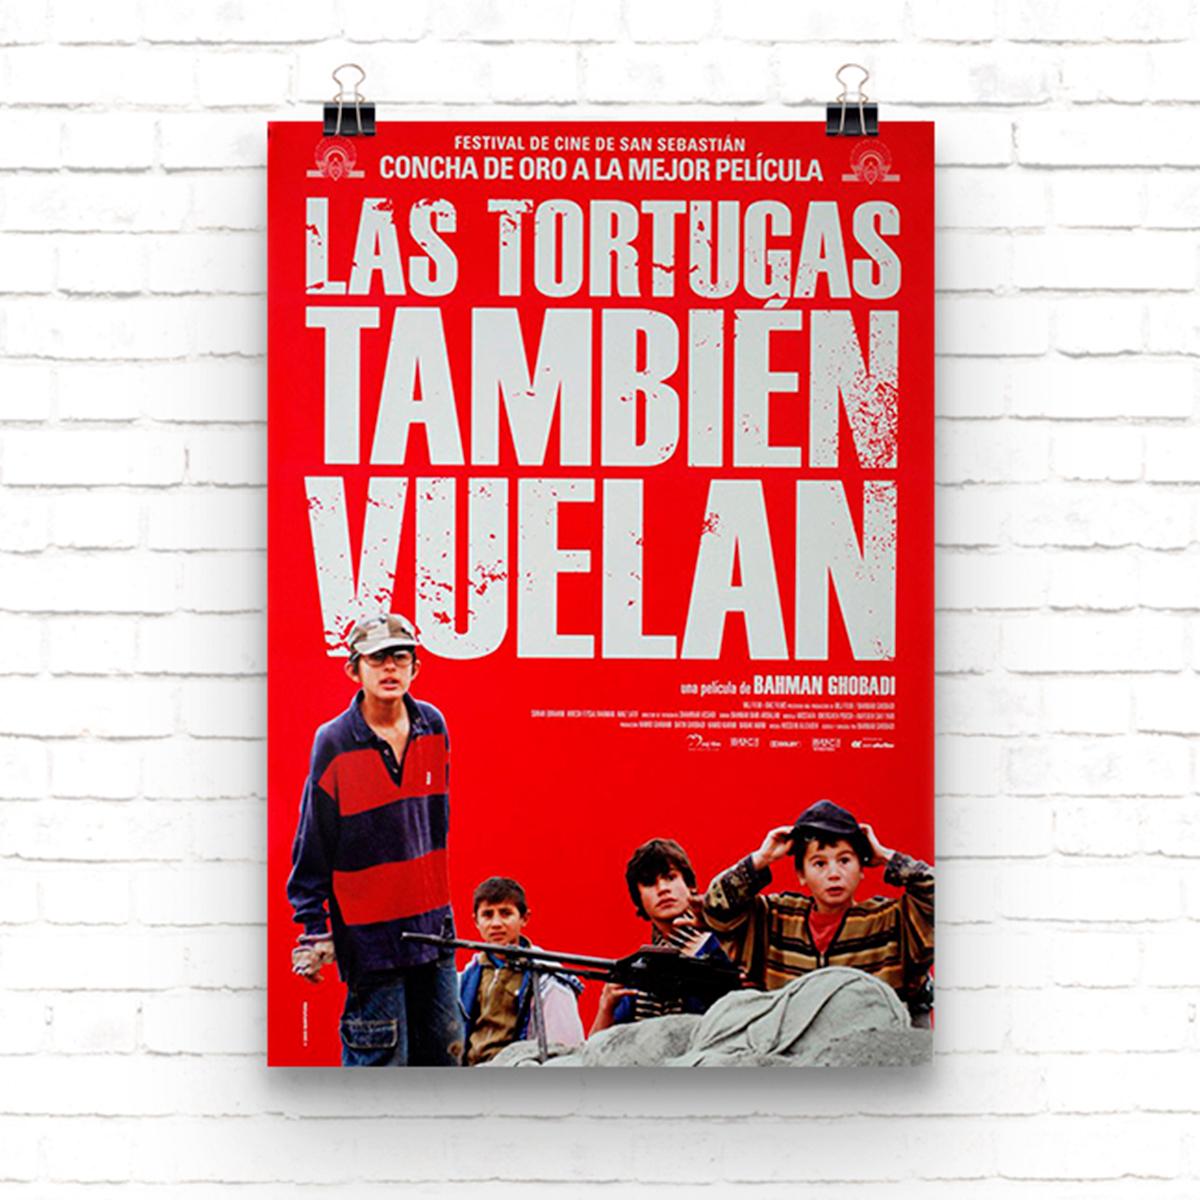 LAS-TORTUGAS-TAMBIEN-VELAN-CUADRADO